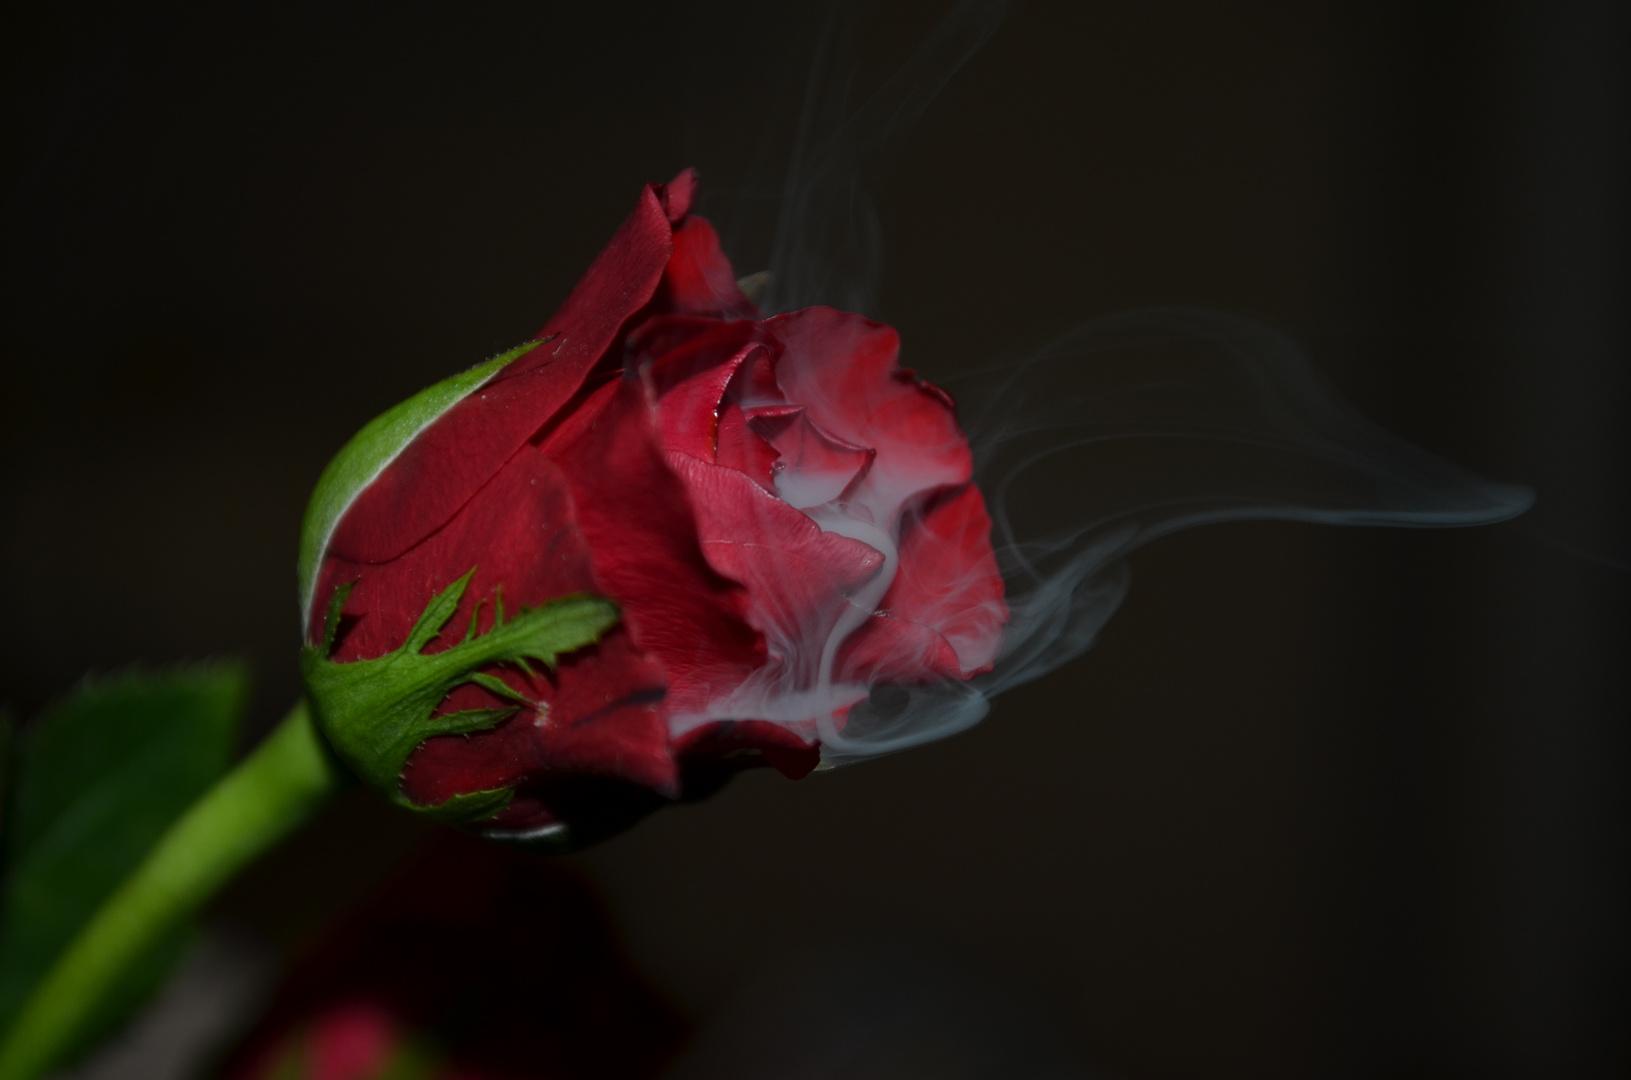 und am ende bleibt nur rauch...